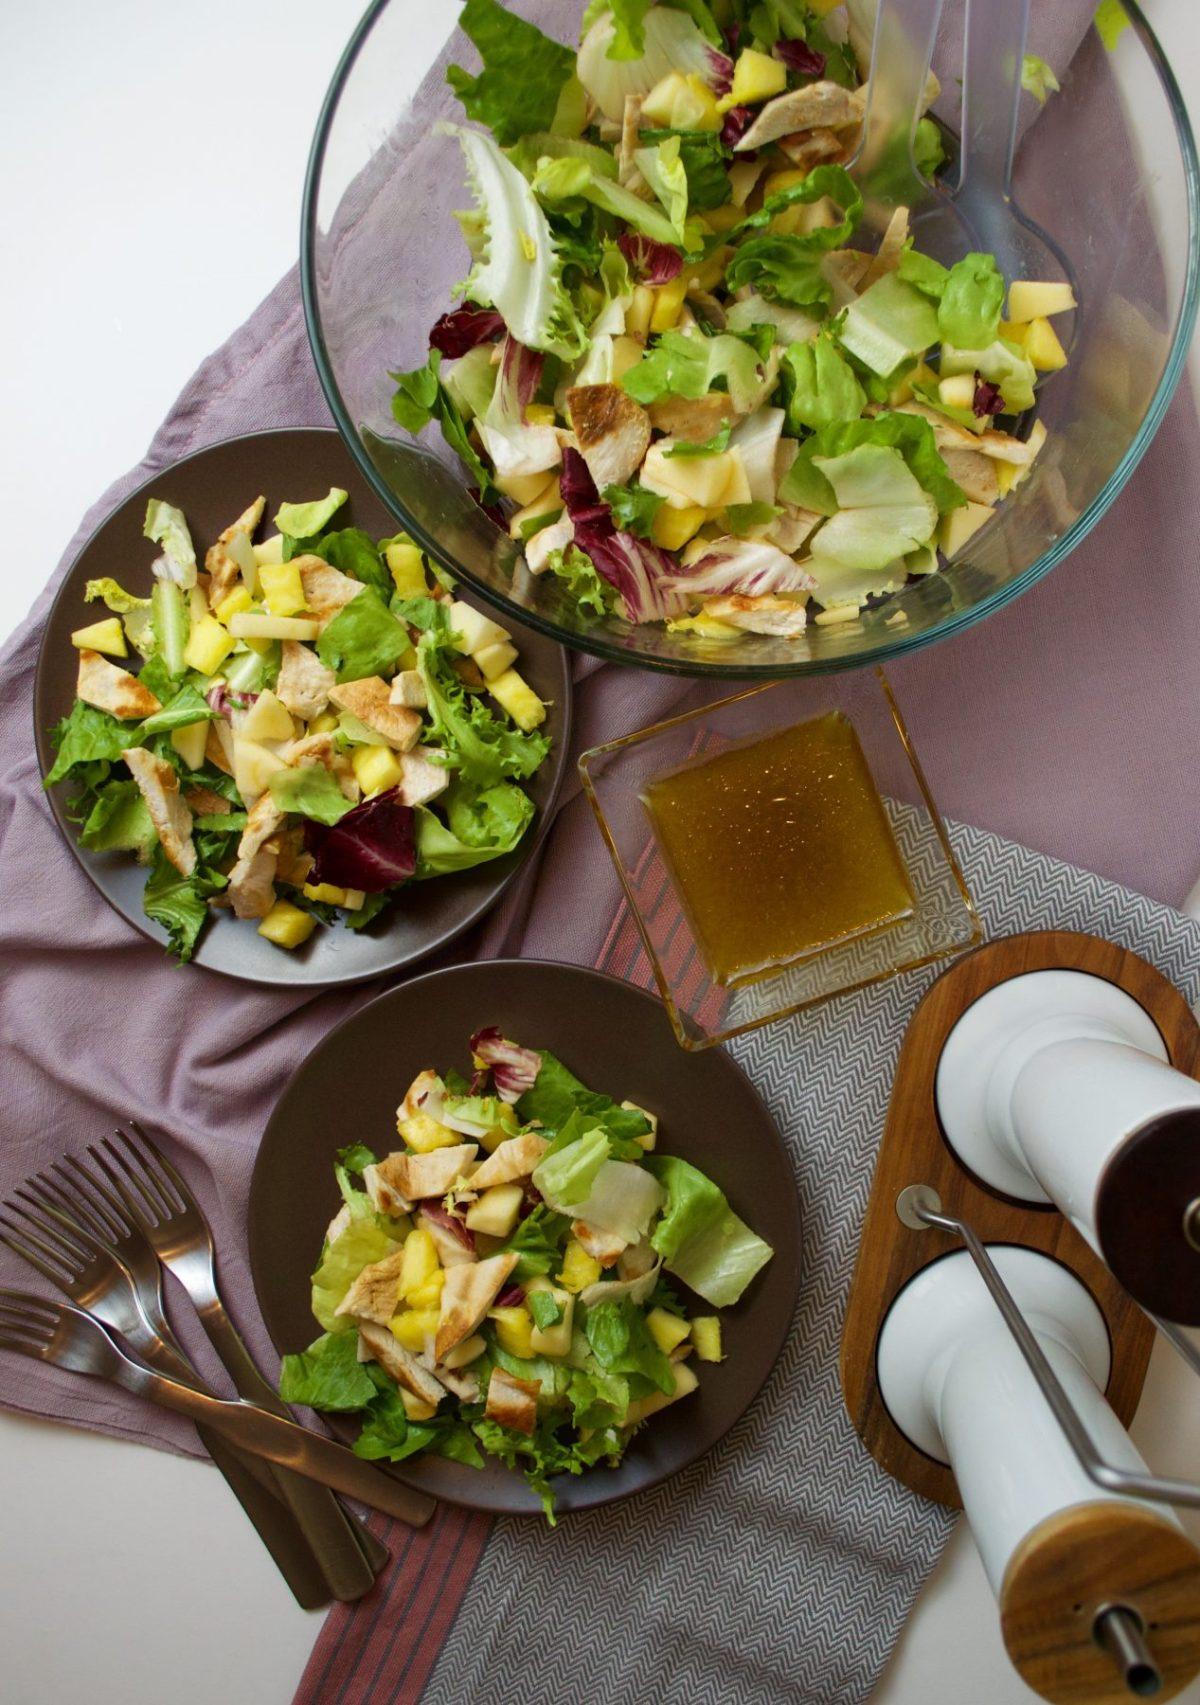 Ensalada tropical de pollo, piña y manzana